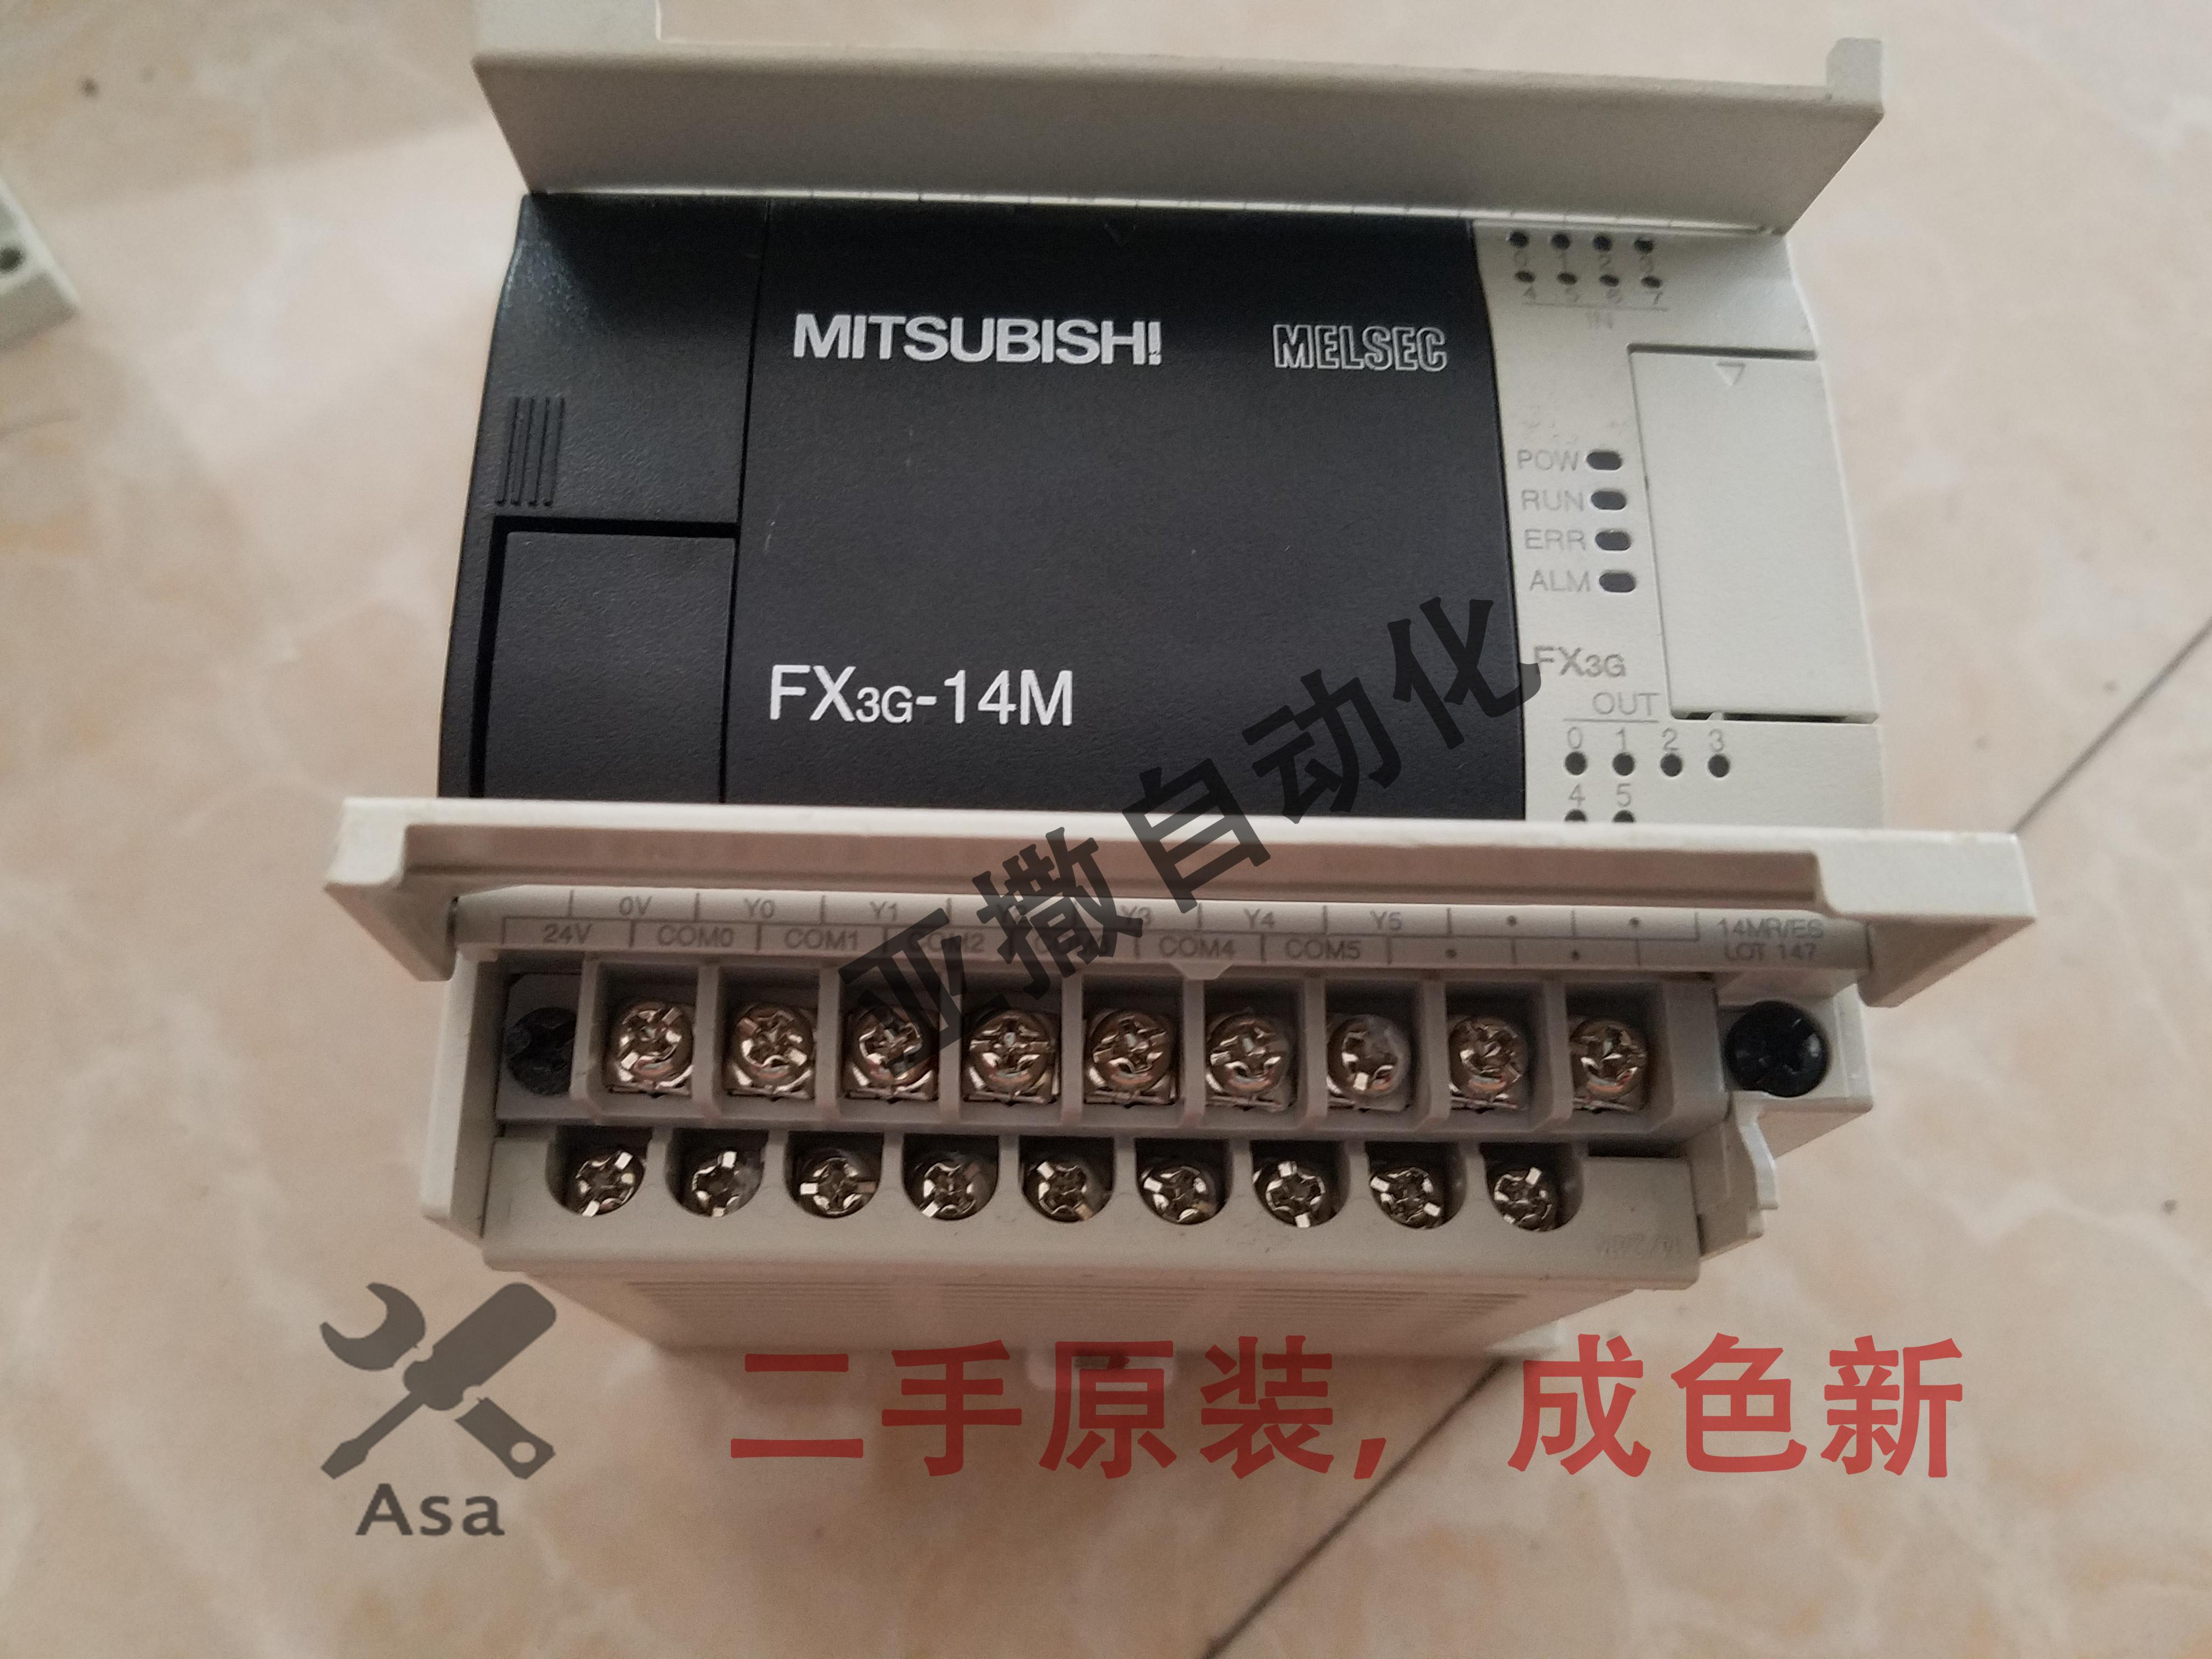 中古、三菱PLCFX3G-14 / 24 /よんじゅう/ 60MR / MT